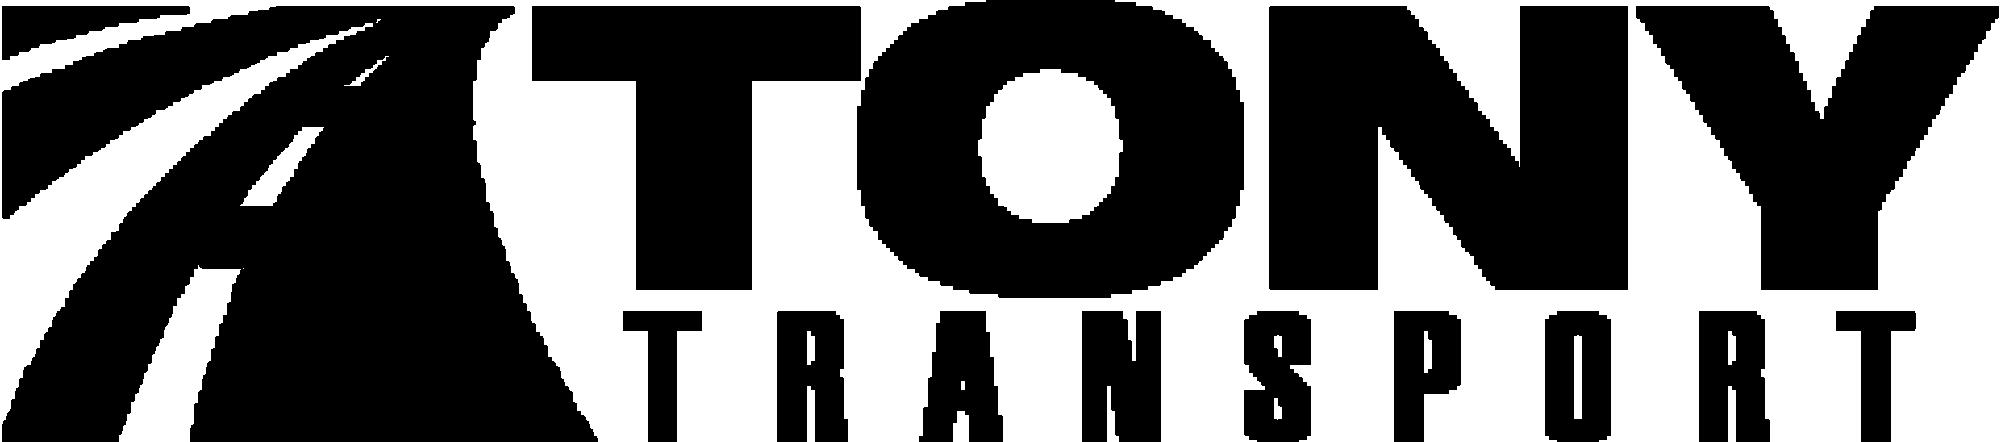 Busy do Holandii Poznań Bydgoszcz Gorzów Szczecin Bus do Holandii Niemiec Przewozy Polska Holandia Busy do Holandii Poznań Tanio Przewozy Holandia Polska Szczecin Ceny Tanie Wyjazdy Holandia Gorzów Door to Door Bus do Holandii Bydgoszcz Codziennie Cennik Przewóz osób Holandia Piła Stargard Niedziela Dobre Opinie Cena Tani Bus Holandia